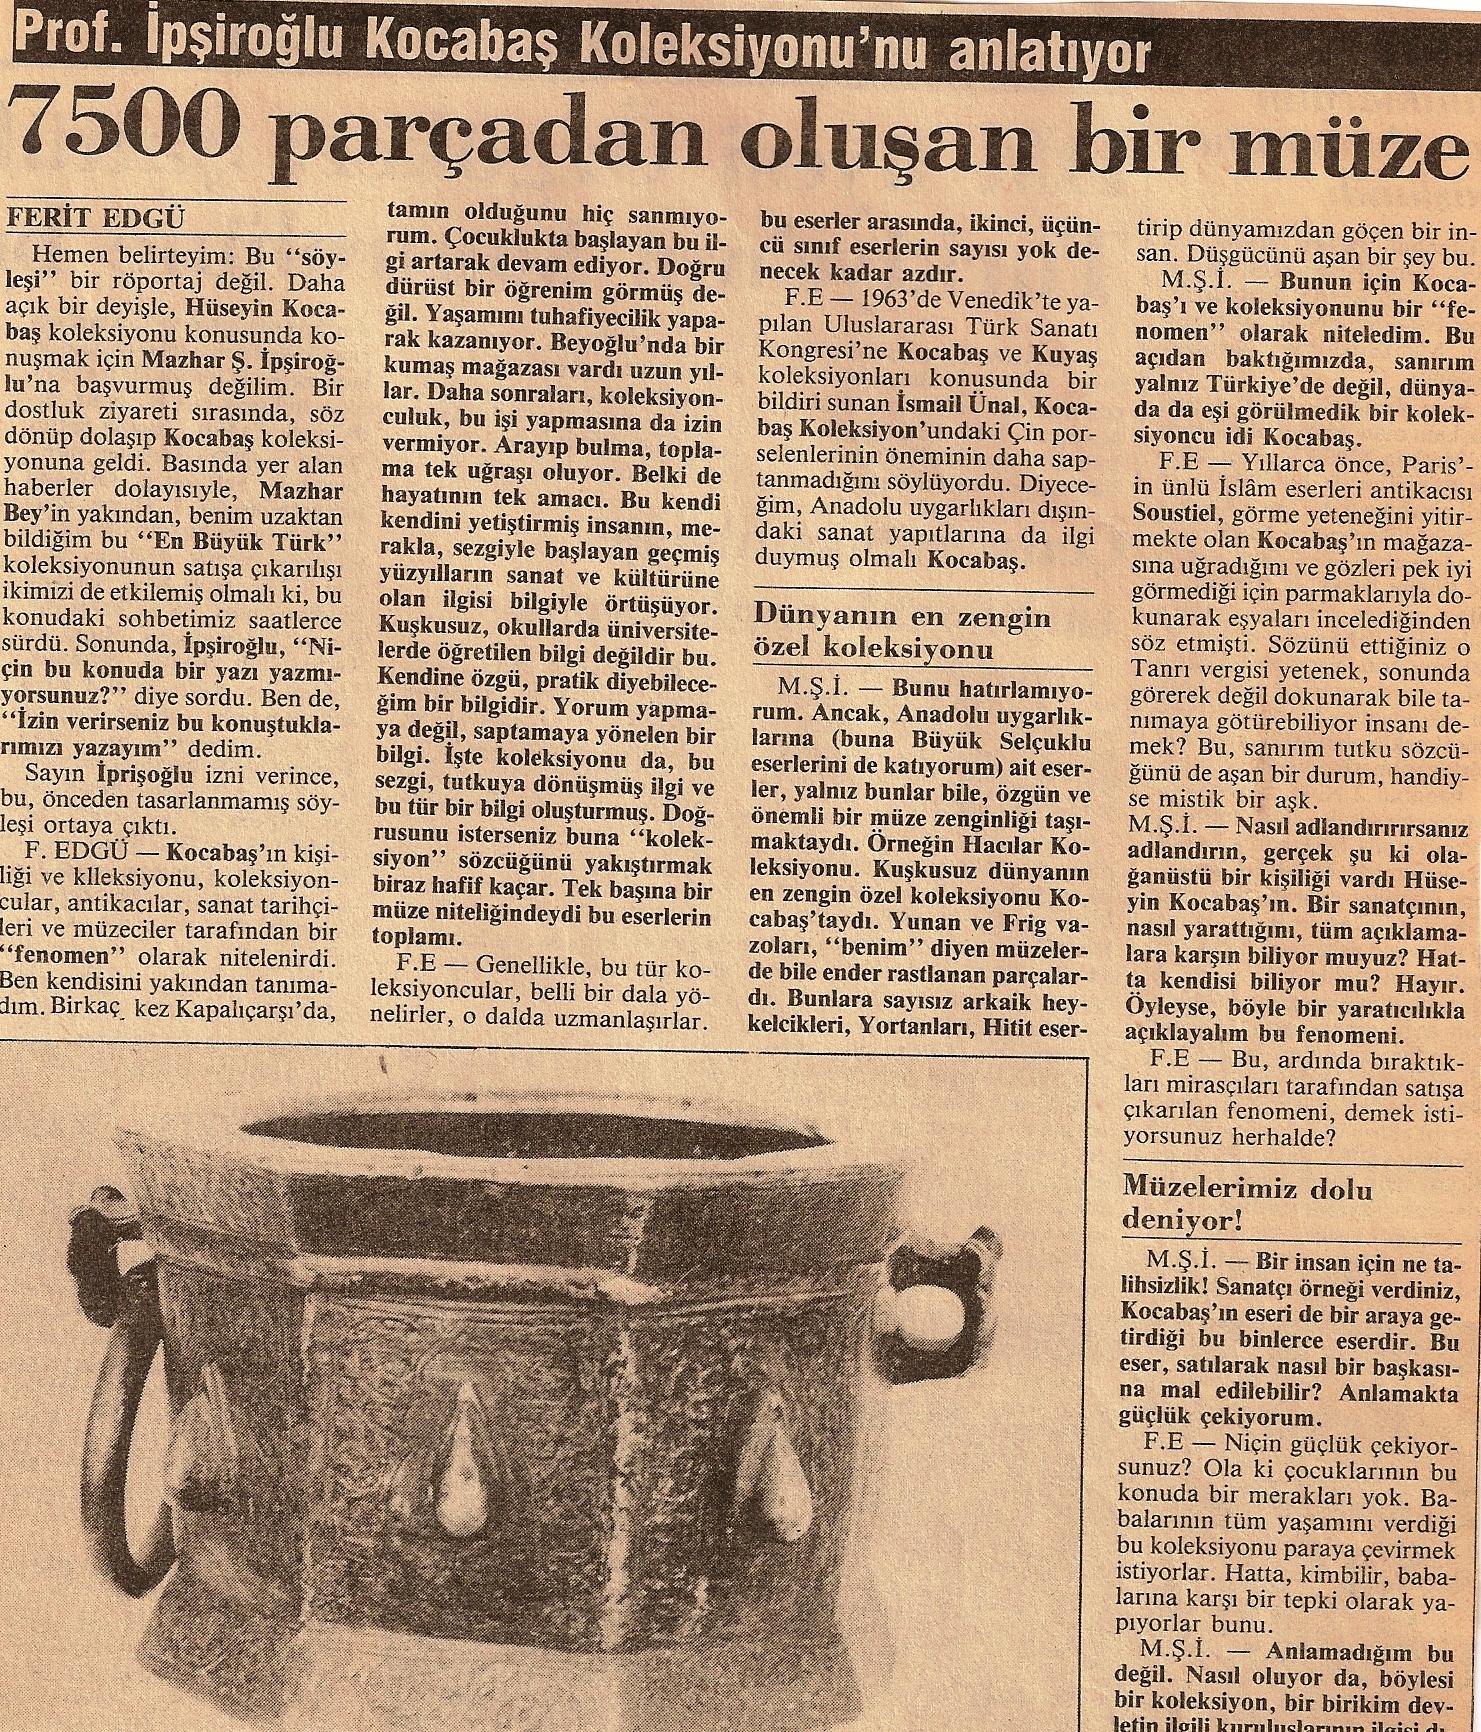 HUSEYIN KOCABAS (9)